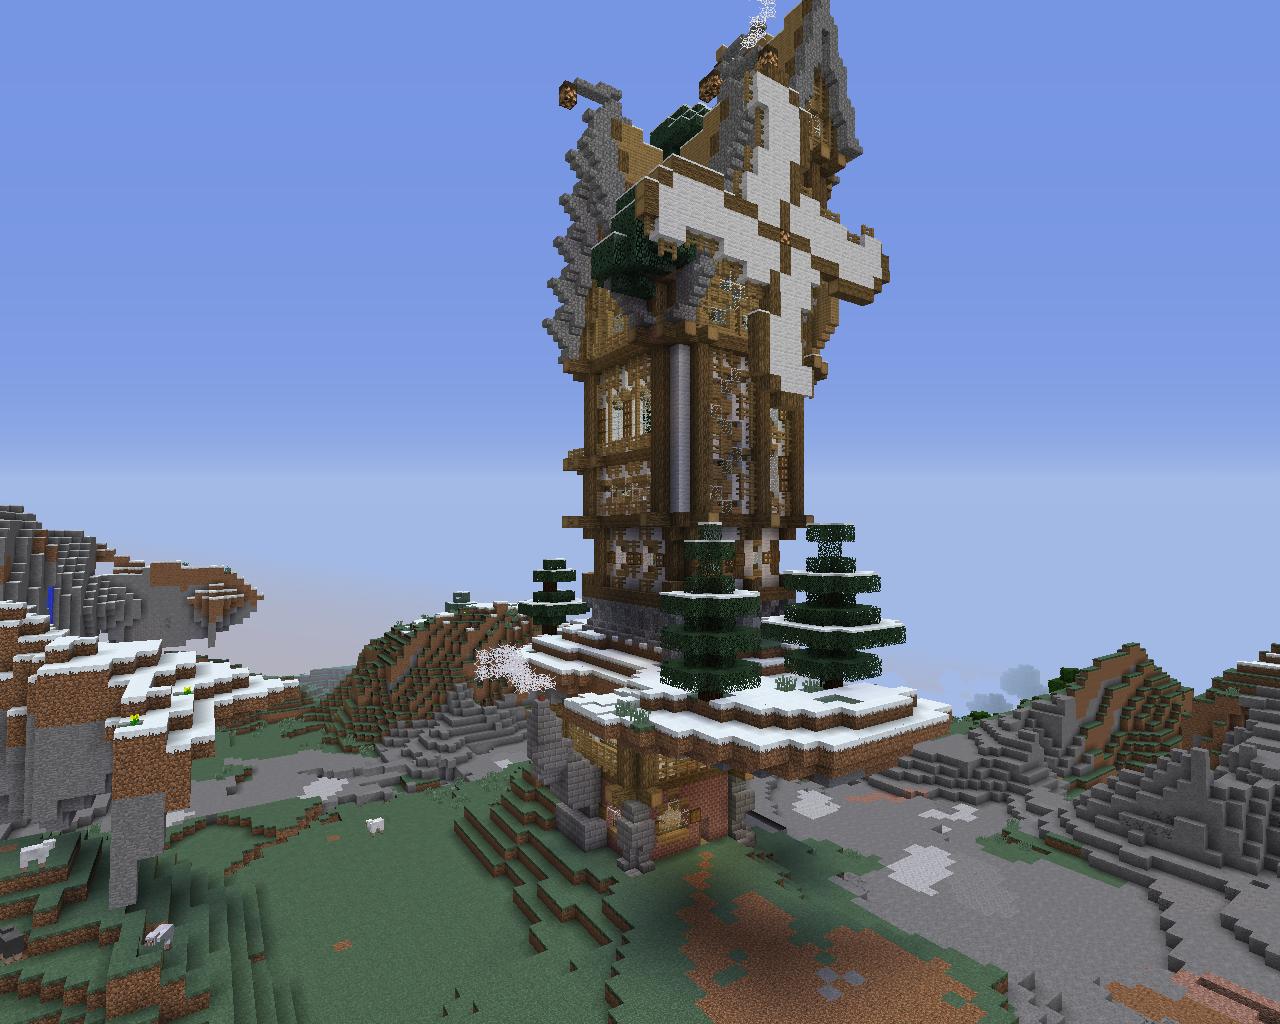 Maison Steampunk Minecraft